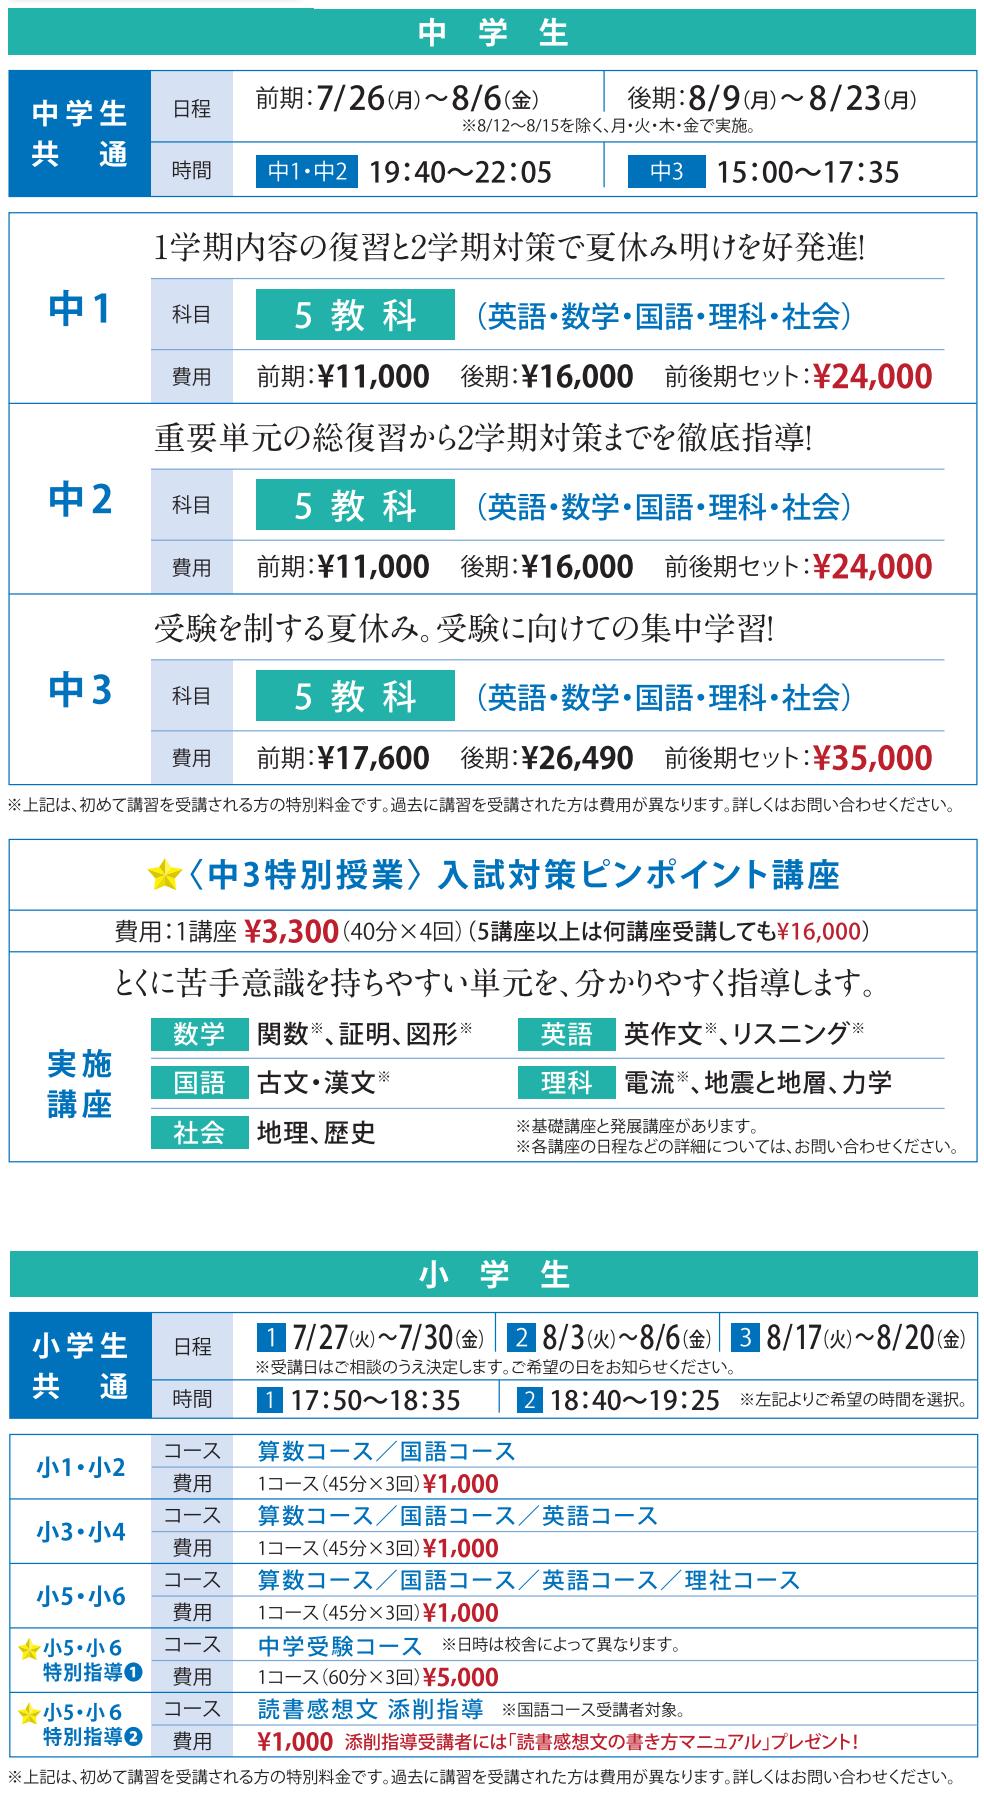 英進進学教室・太田韮川校(太田市の塾)